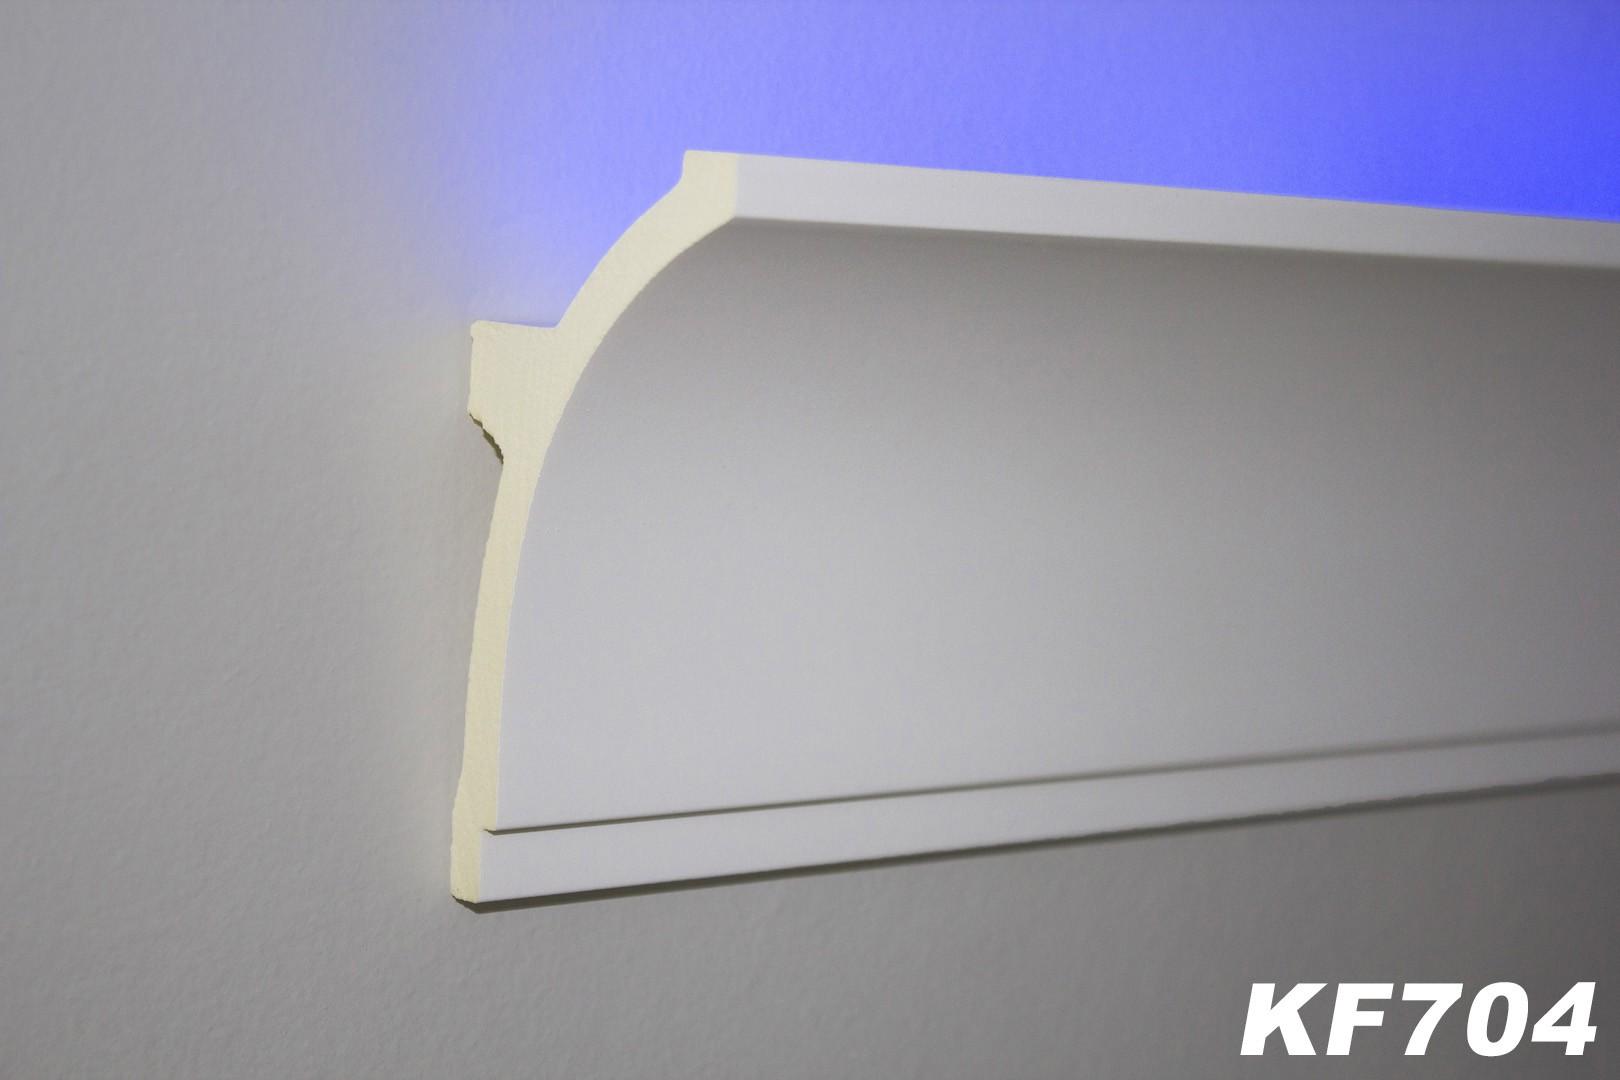 Kf704 originalbild